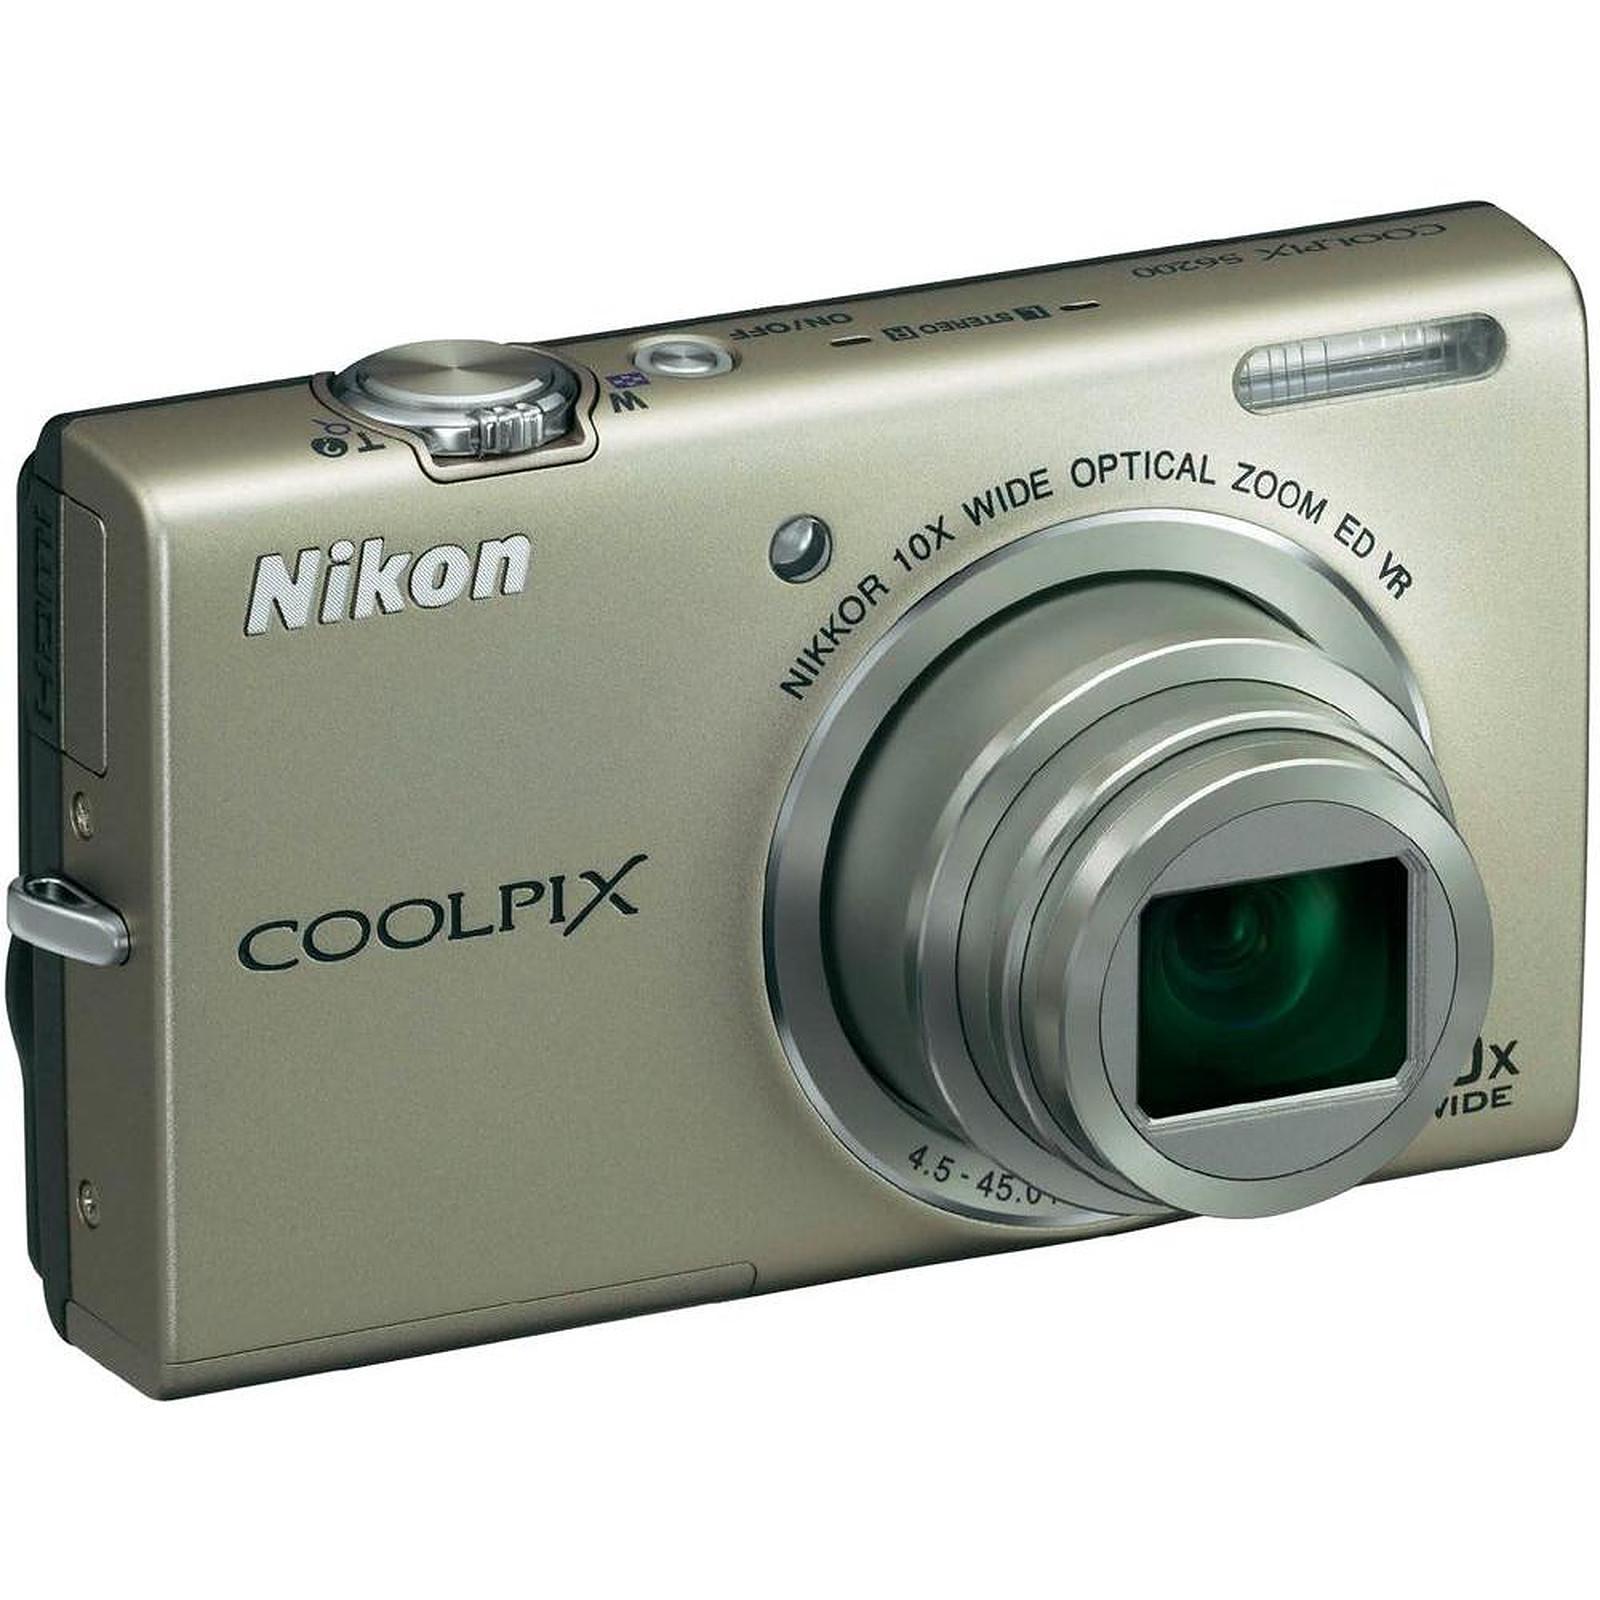 Nikon Coolpix S6200 Argent + Carte SD 8 Go